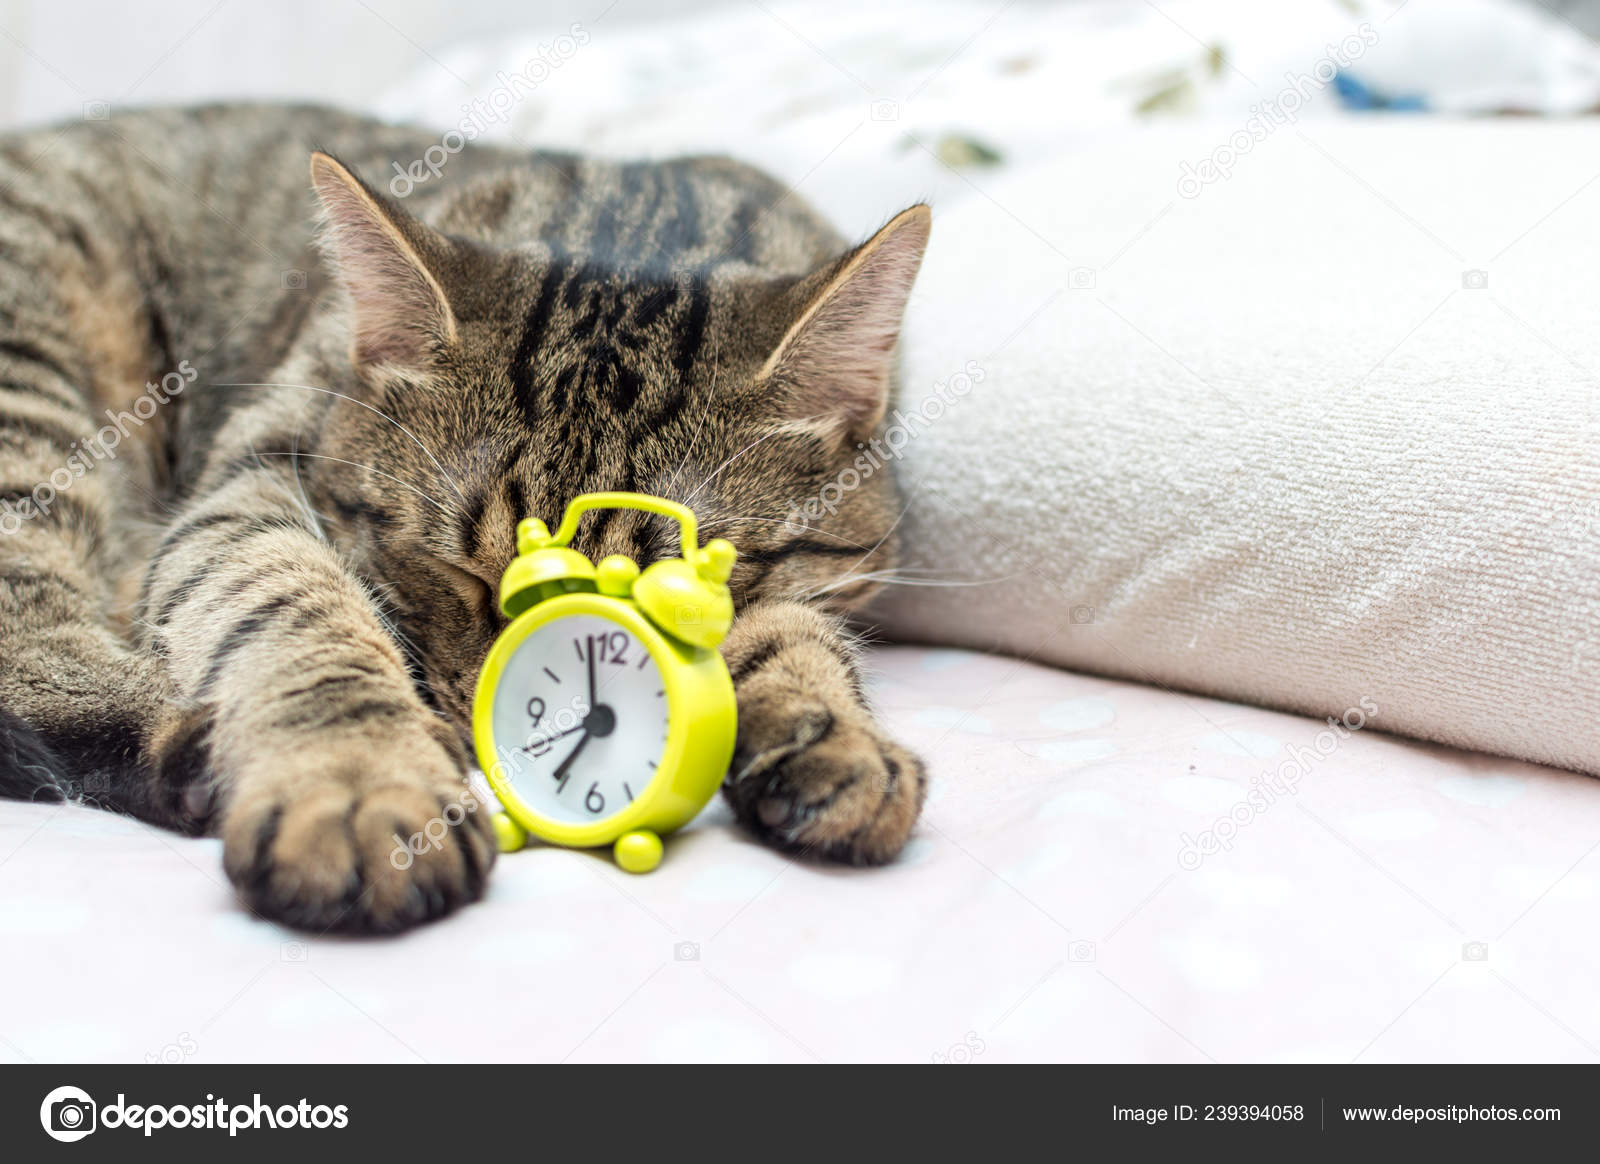 Katze Schläft In Einer Umarmung Mit Einem Wecker Guten